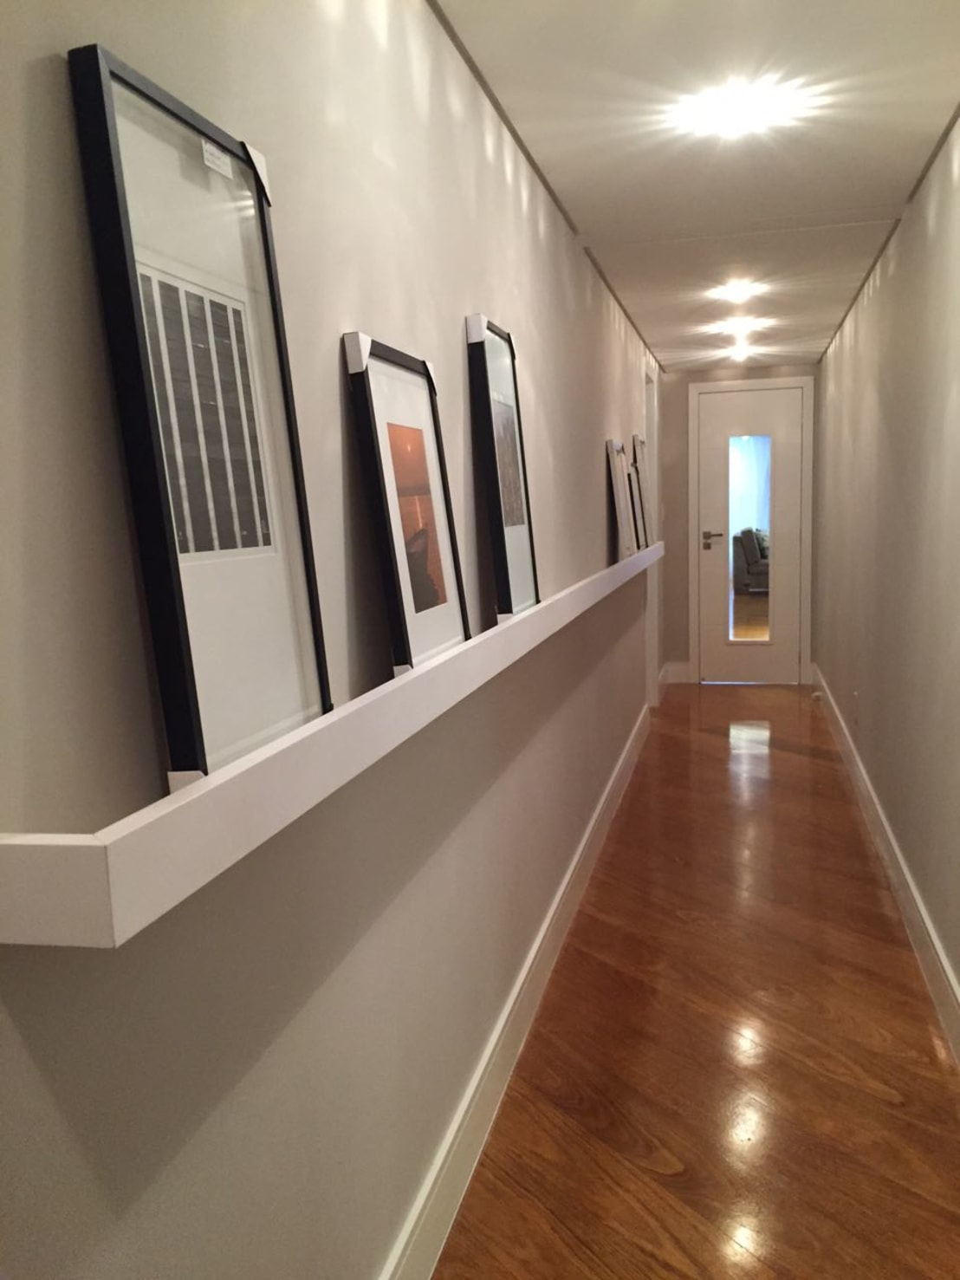 10 preiswerte ideen mit denen dein zuhause noch sch ner wird. Black Bedroom Furniture Sets. Home Design Ideas